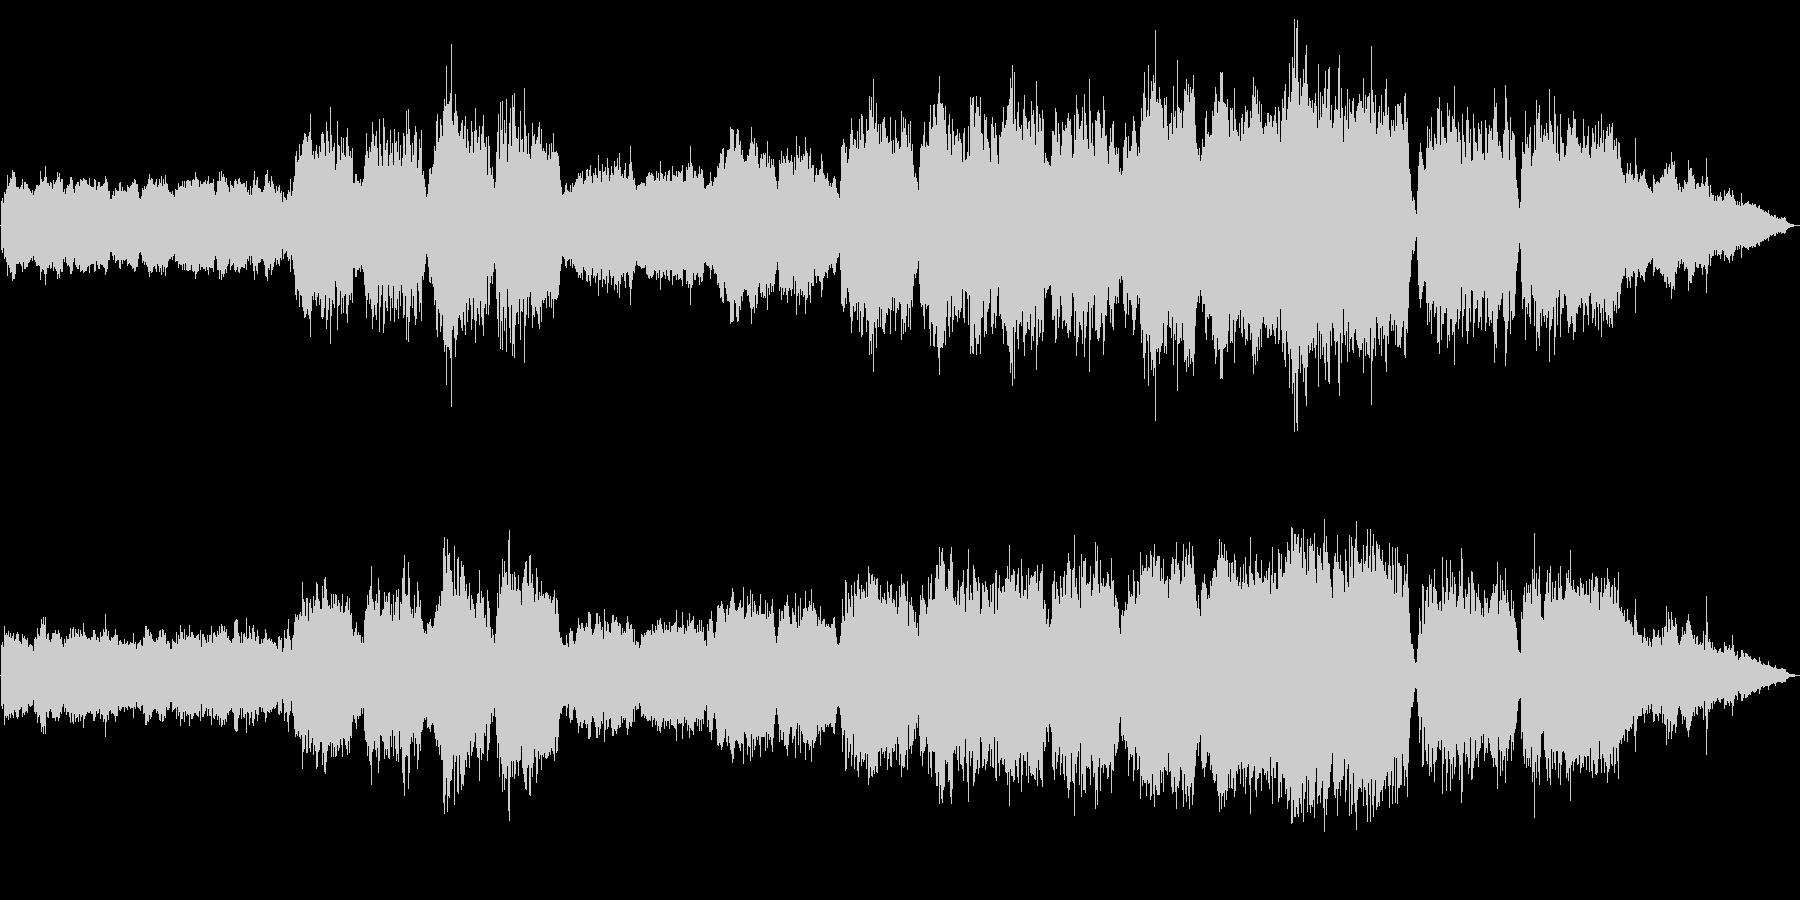 コーラスとパイプオルガンが印象的な曲の未再生の波形